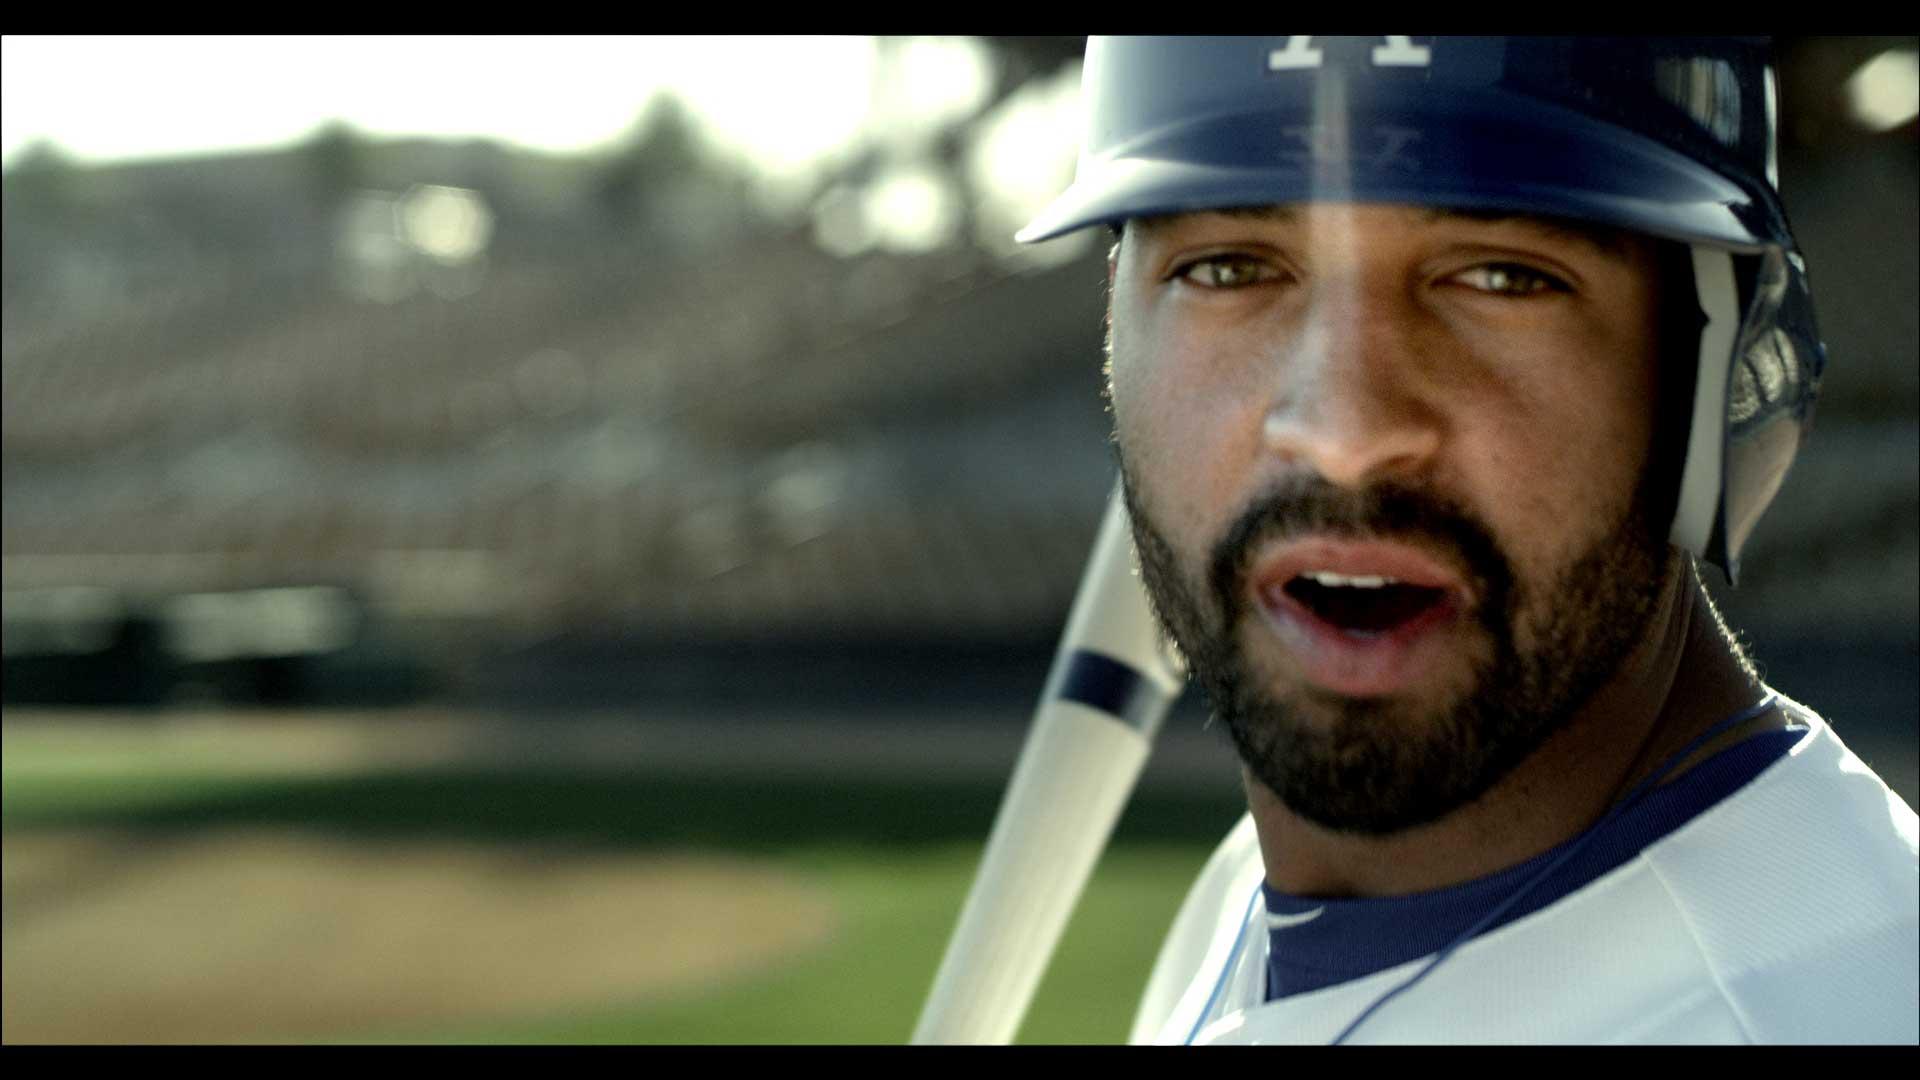 Hill Holliday, Major League Baseball, The Play